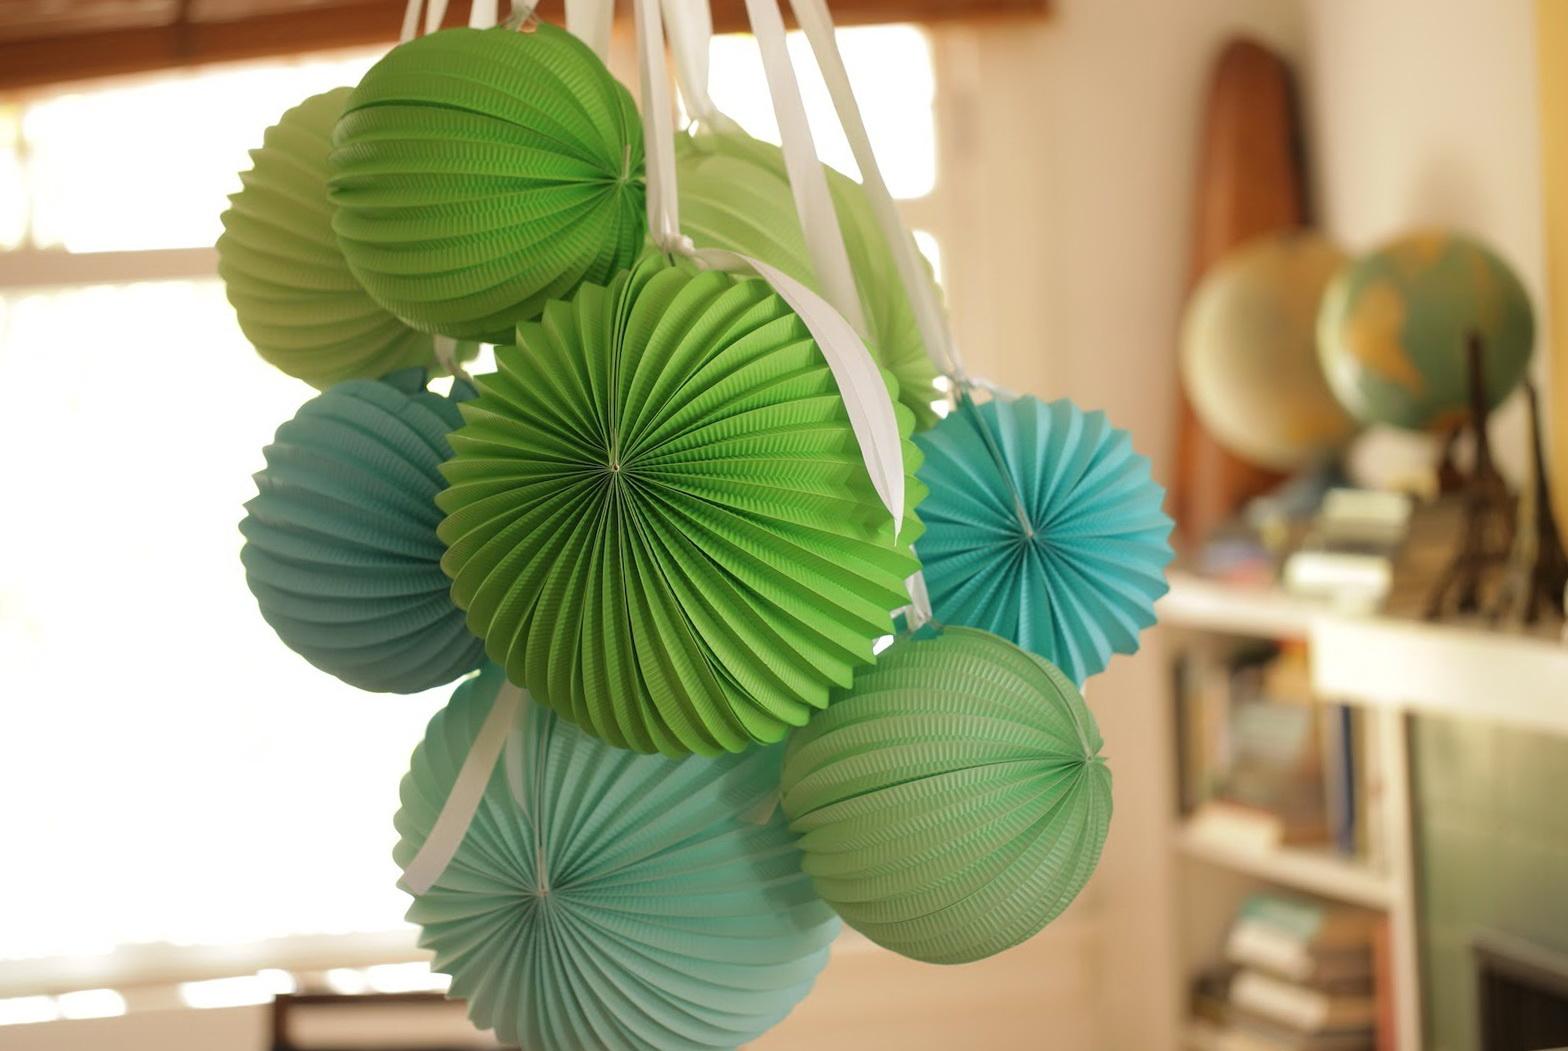 Paper lantern chandelier diy home design ideas - Paper lantern chandelier ...